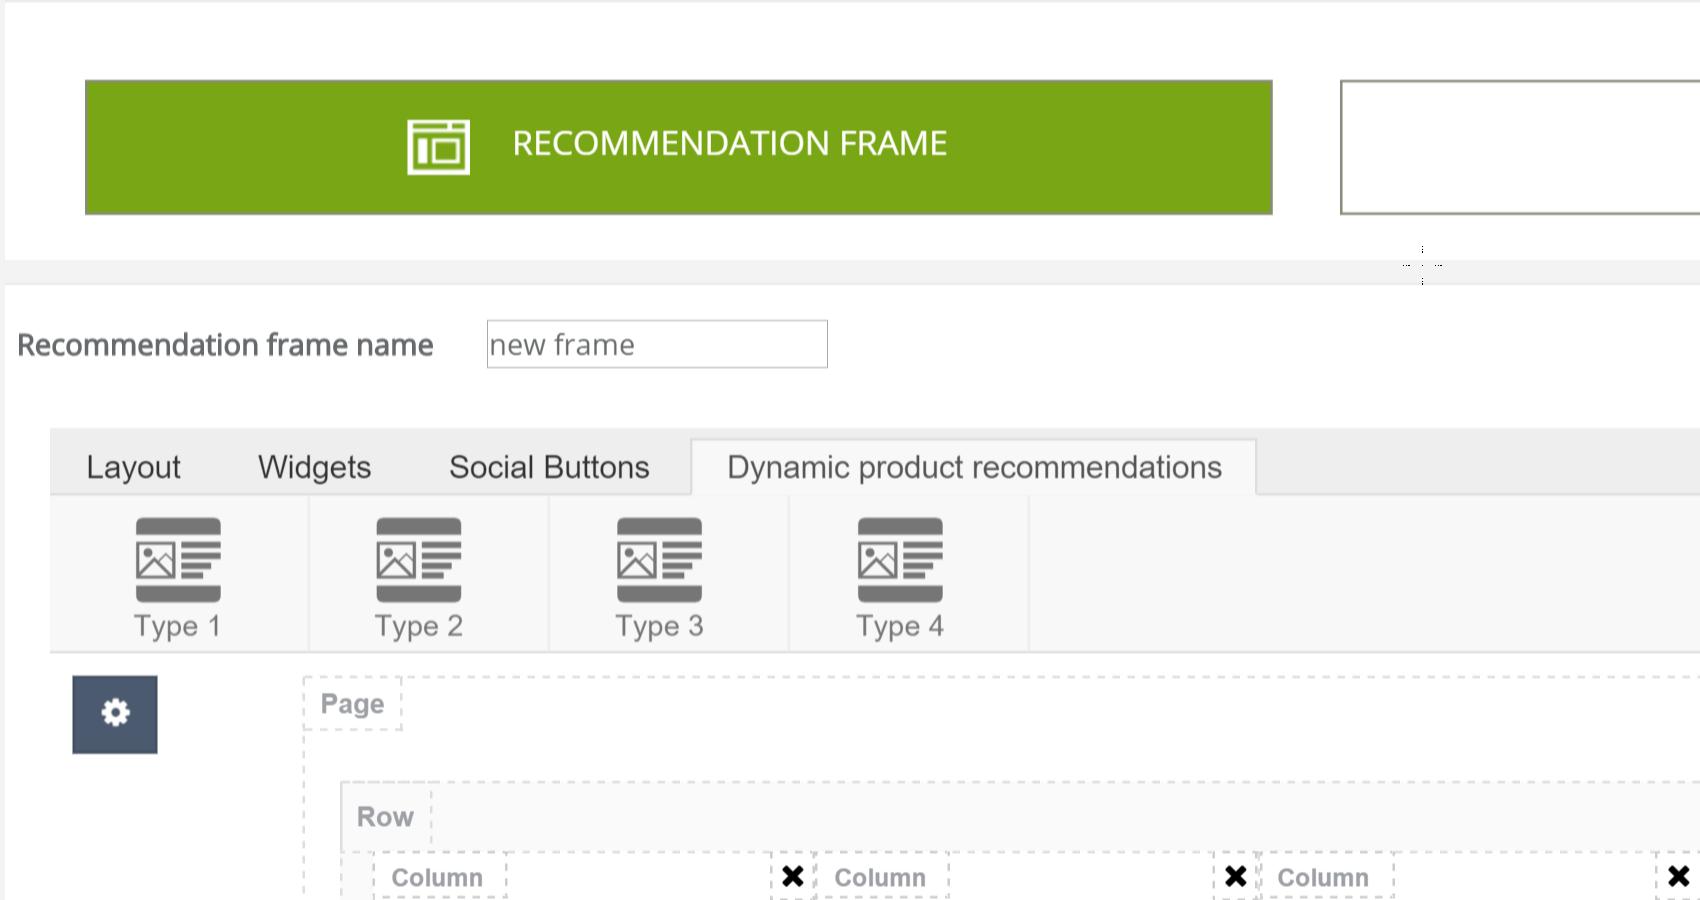 Kreator dynamicznych rekomendacji produktowych - widgety dodające dynamicznie personalizowane produkty